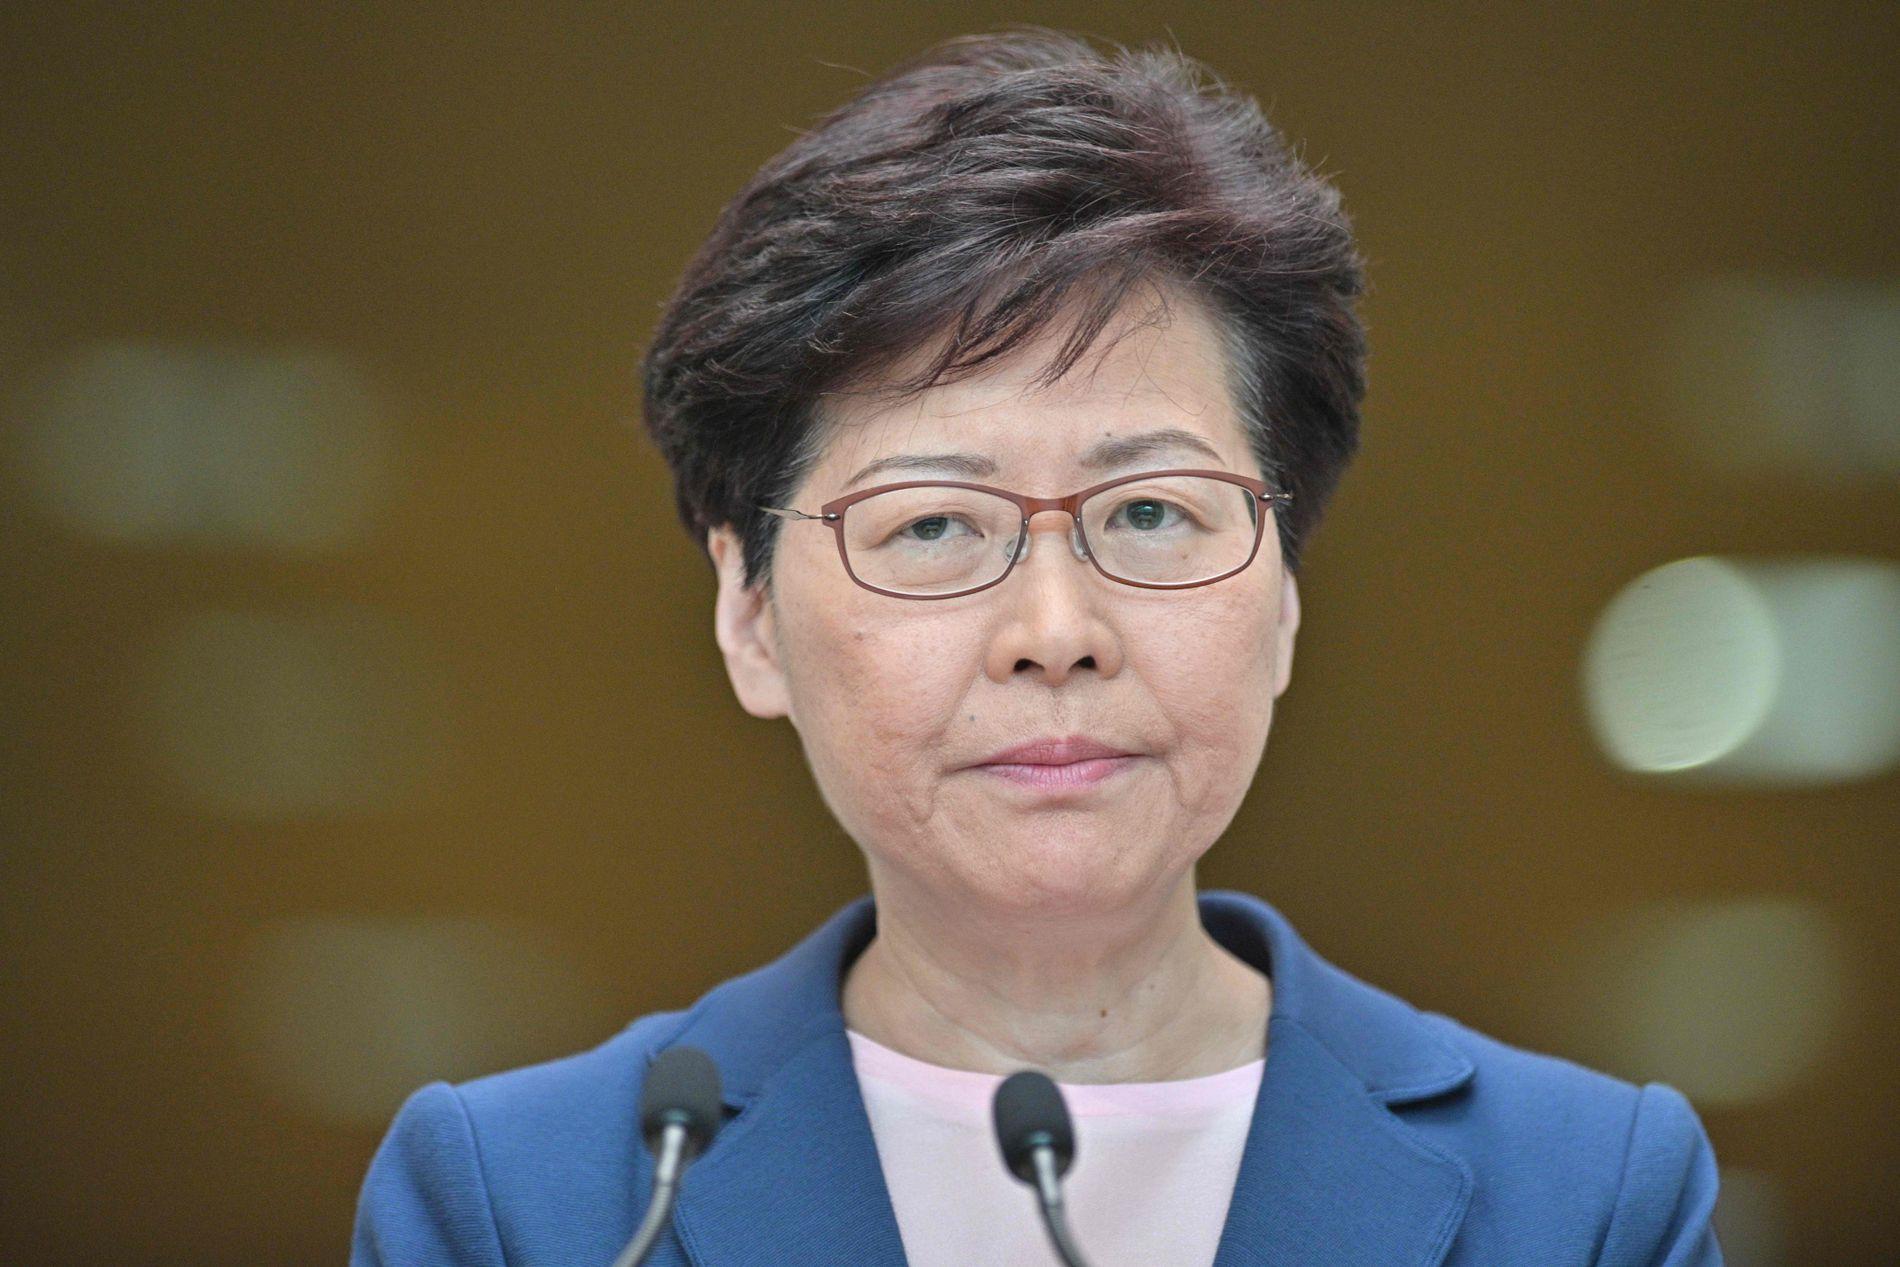 LEGGER AVTALEN DØD: Hongkongs øverste leder Carrie Lam holdt tirsdag morgen en pressekonferanse.